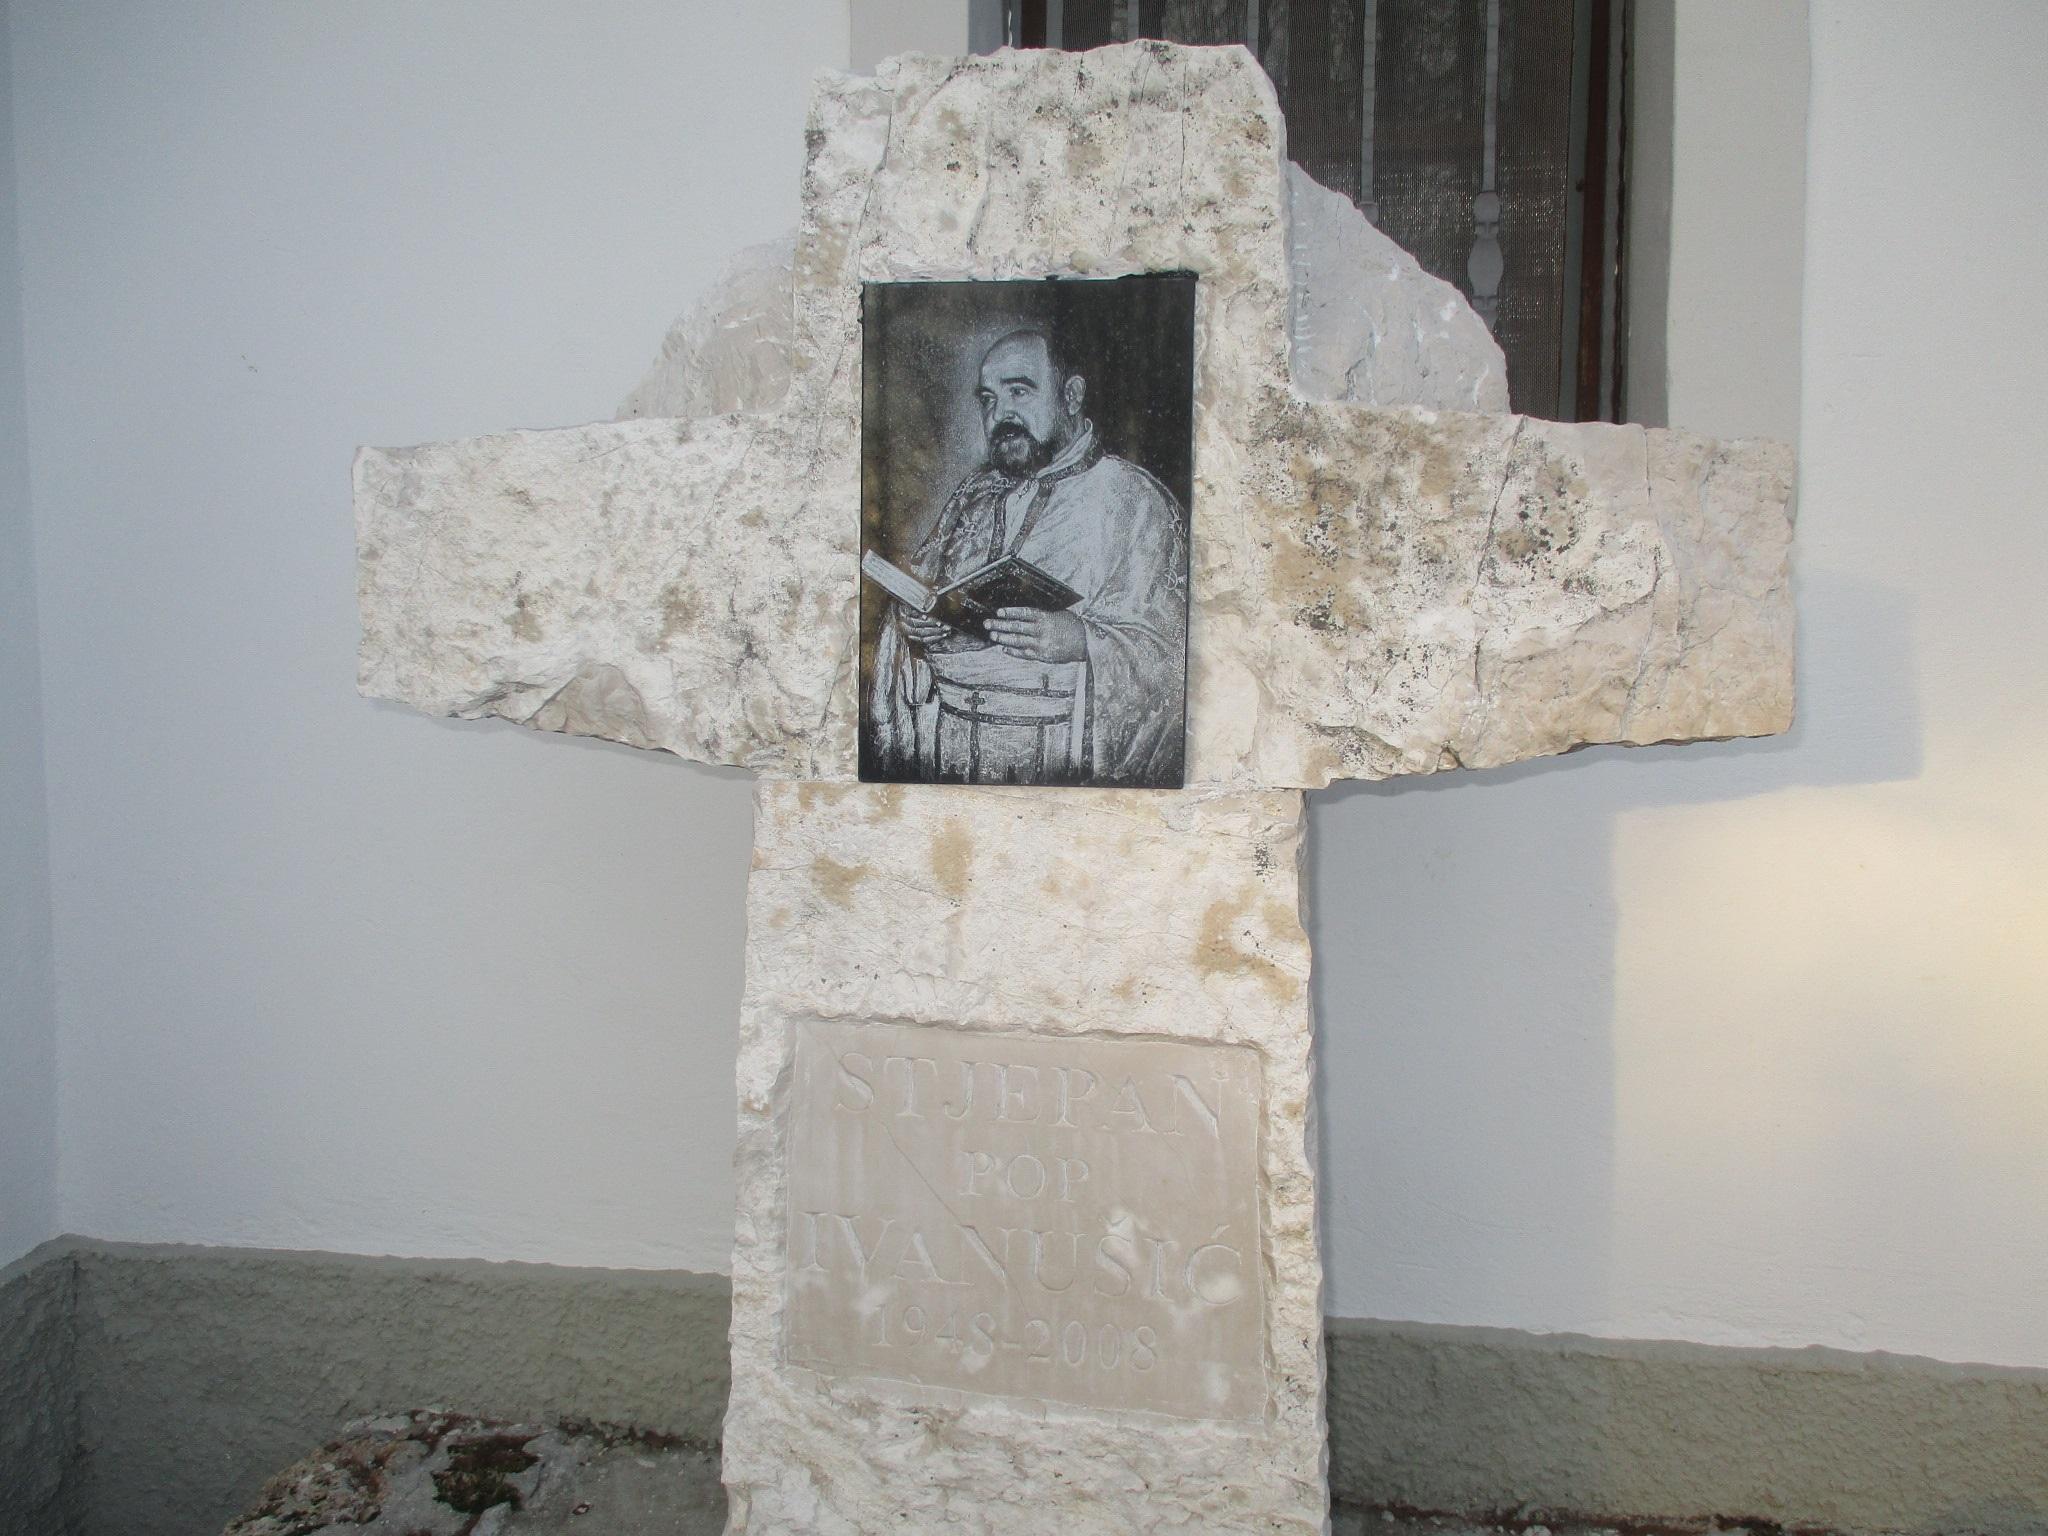 Pokojnom svećeniku Žumberačkog vikarijata o. Stjepanu Ivanušiću uoči Zadušnih subota obnovljena grobnica